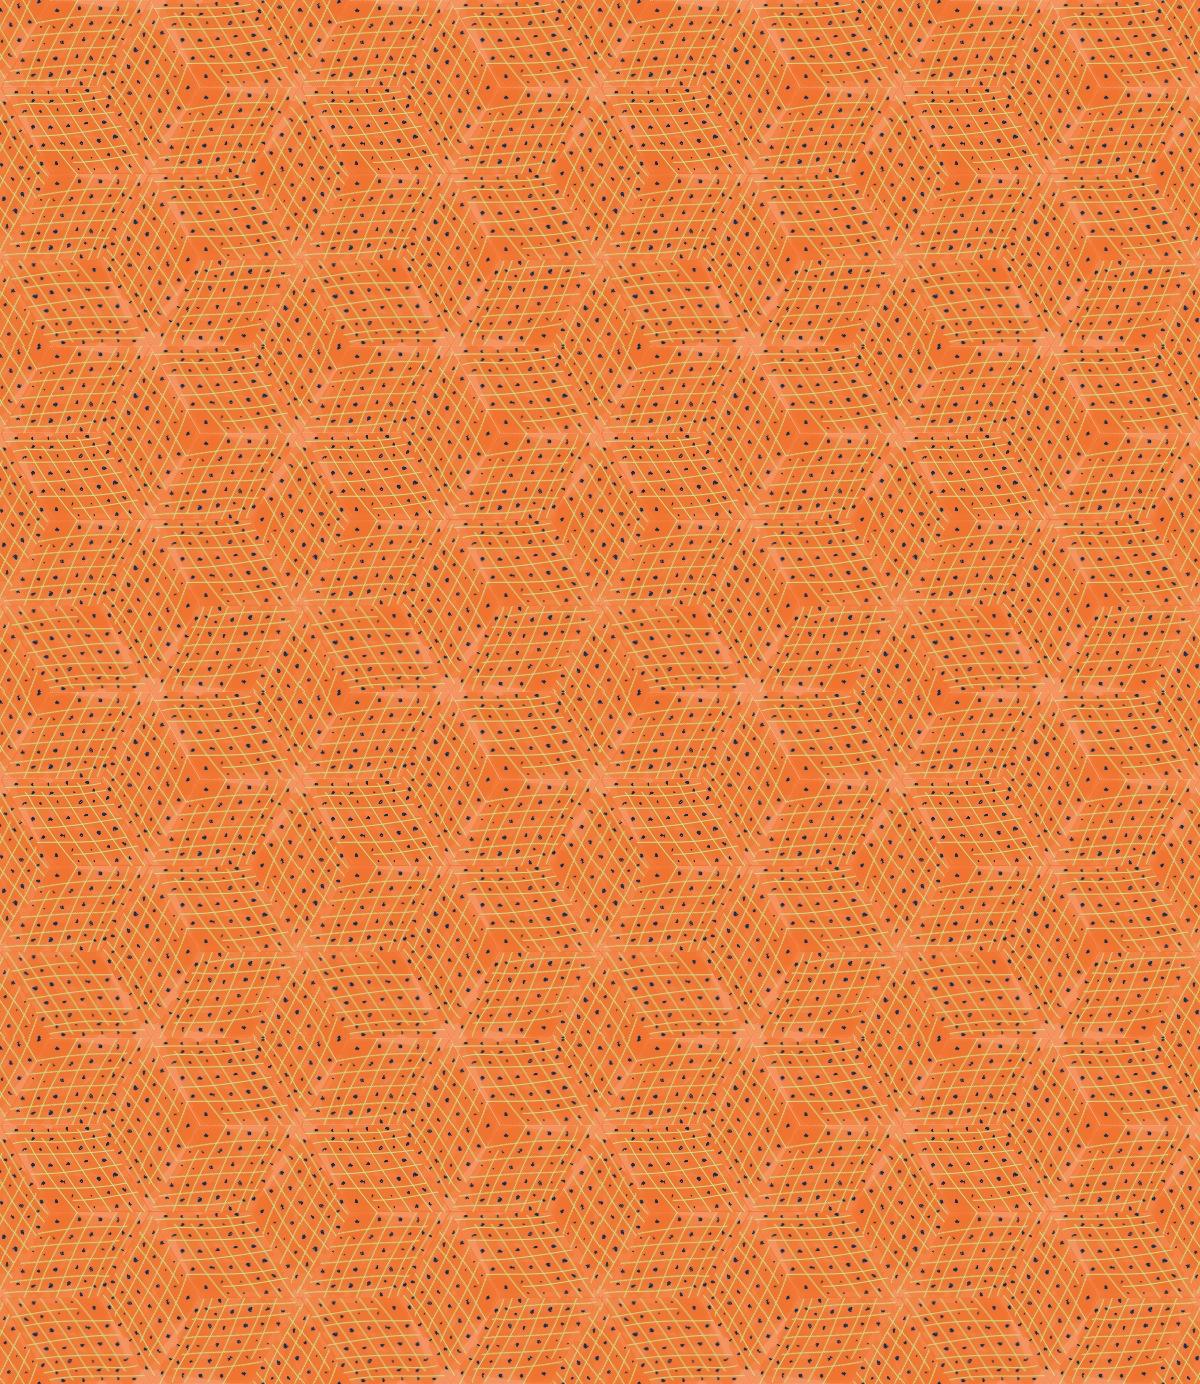 038_tiled